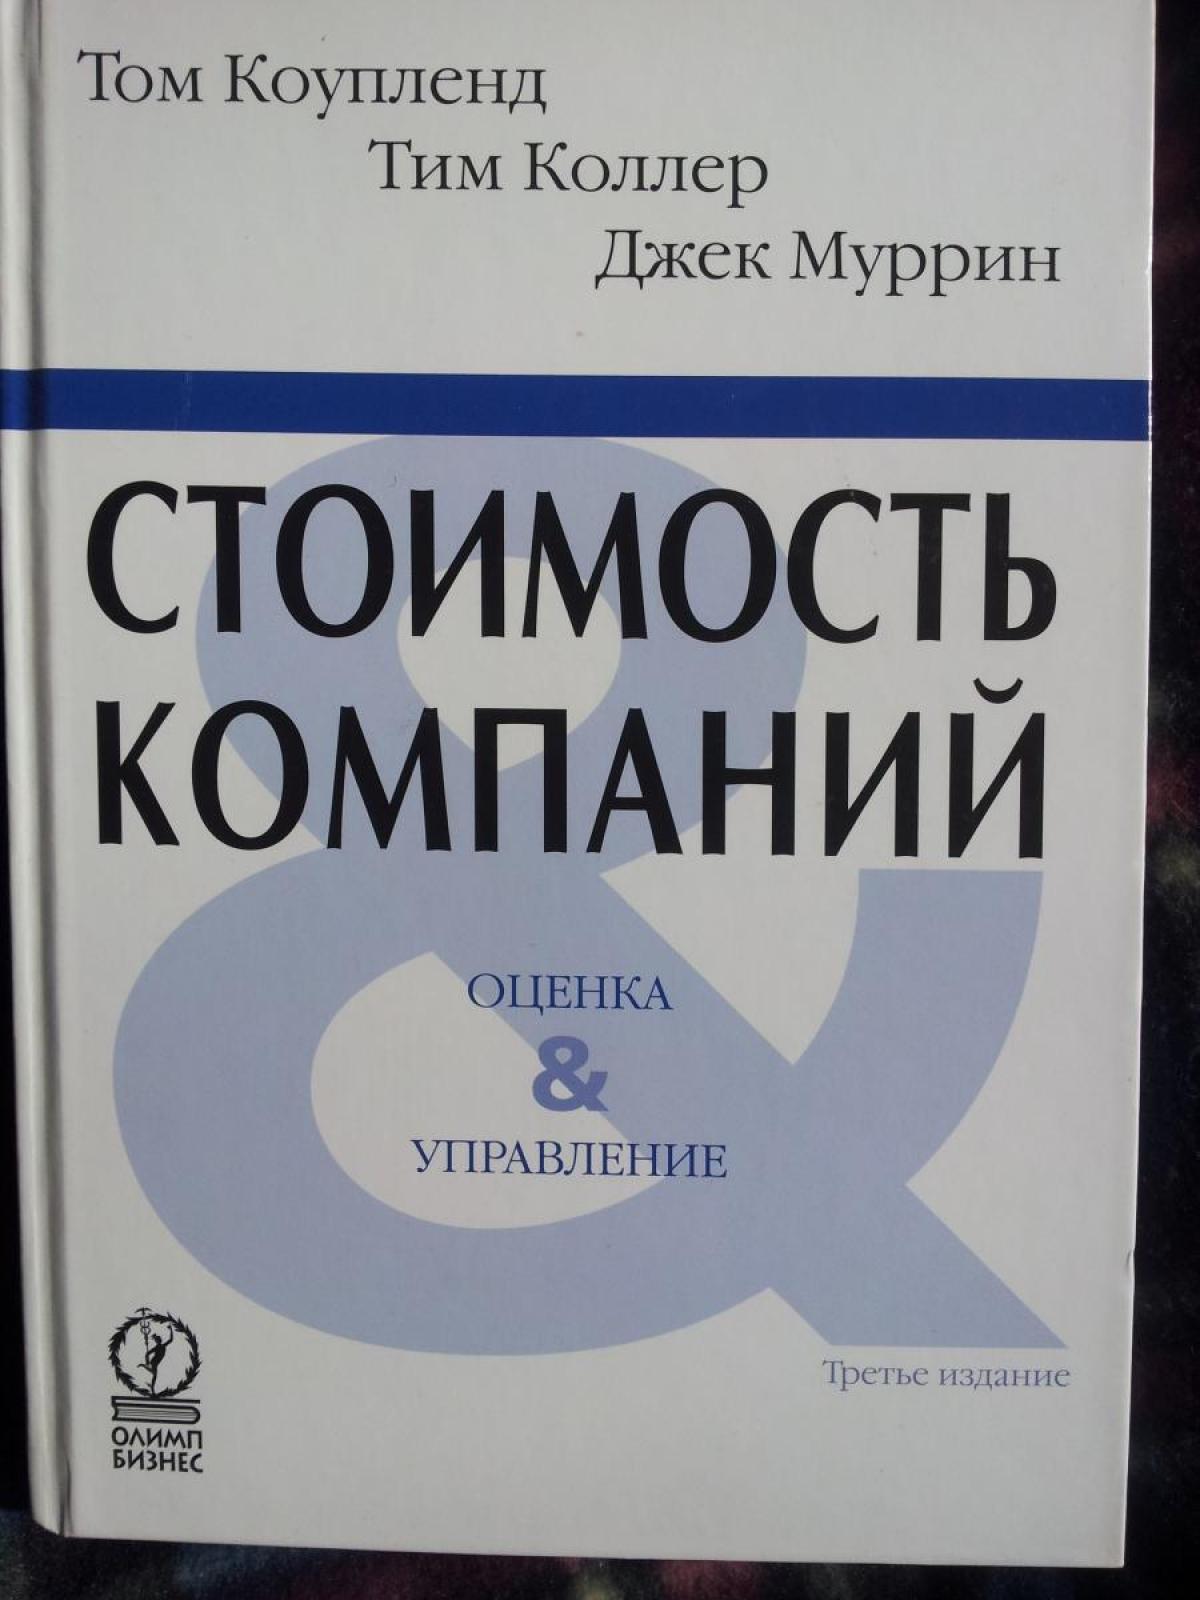 Обложка книги:  коупленд т. - стоимость компаний оценка и управление